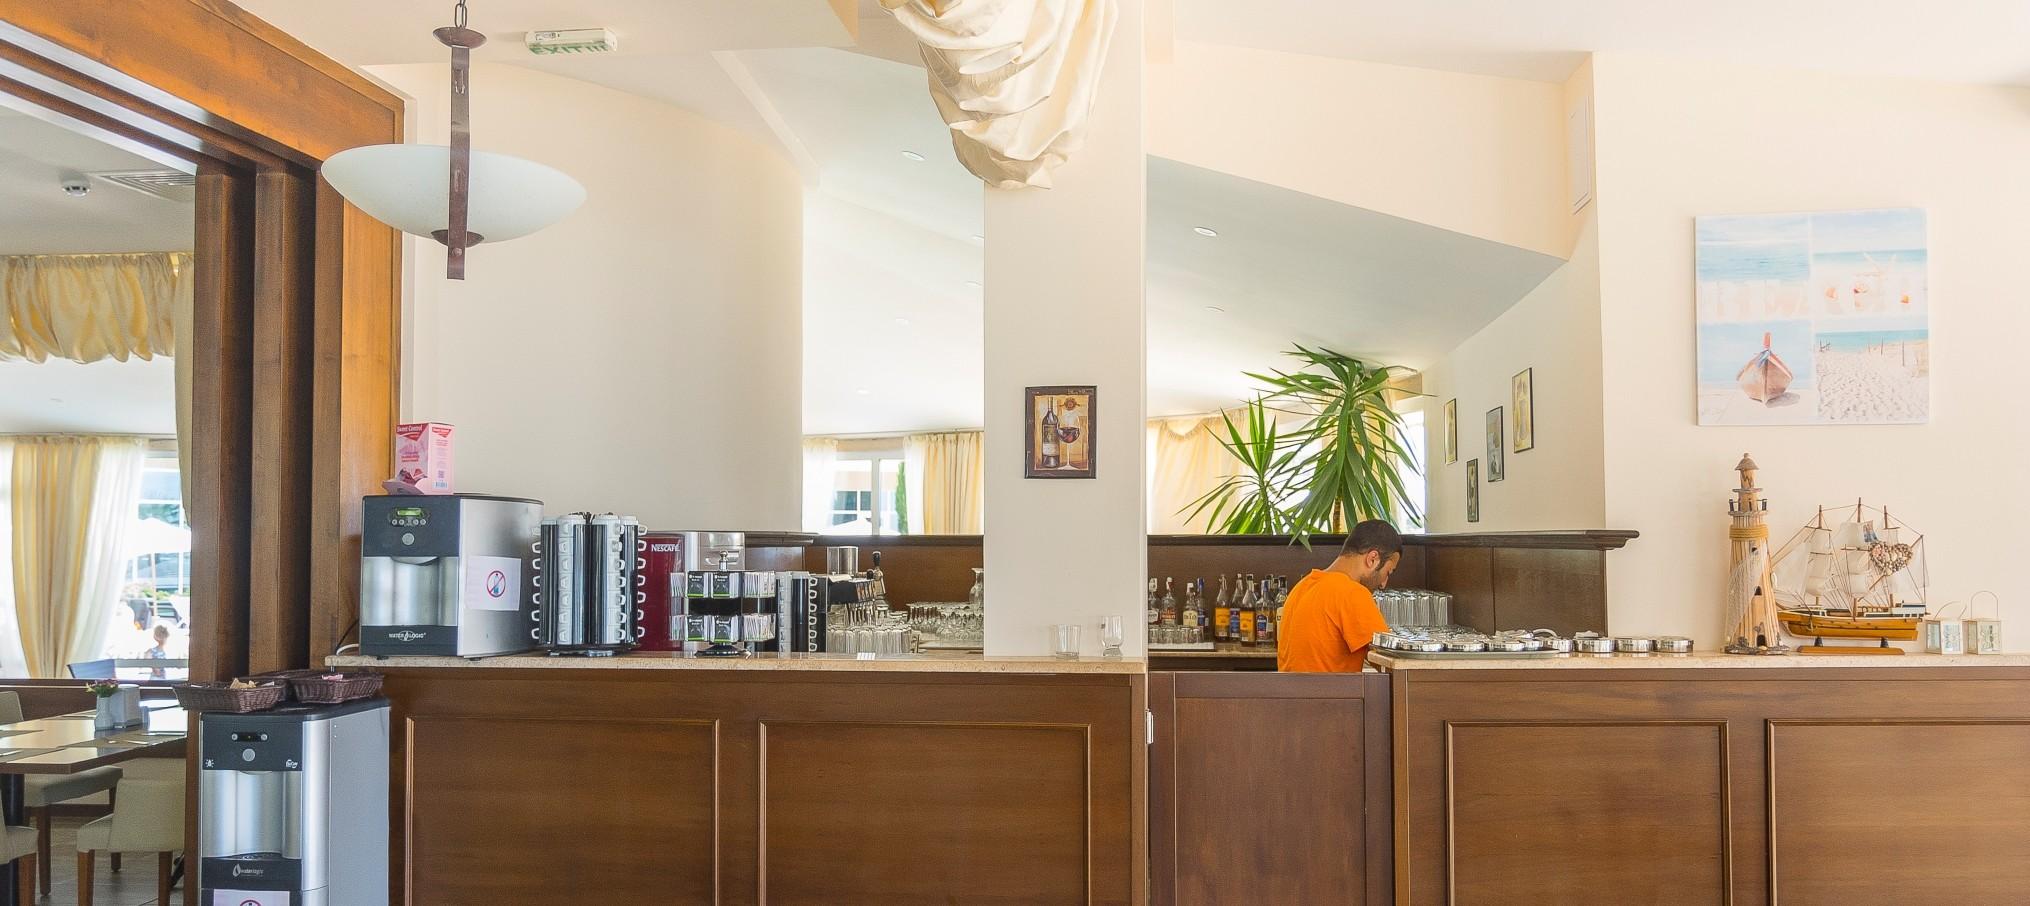 Хотел Арсена - лоби бар